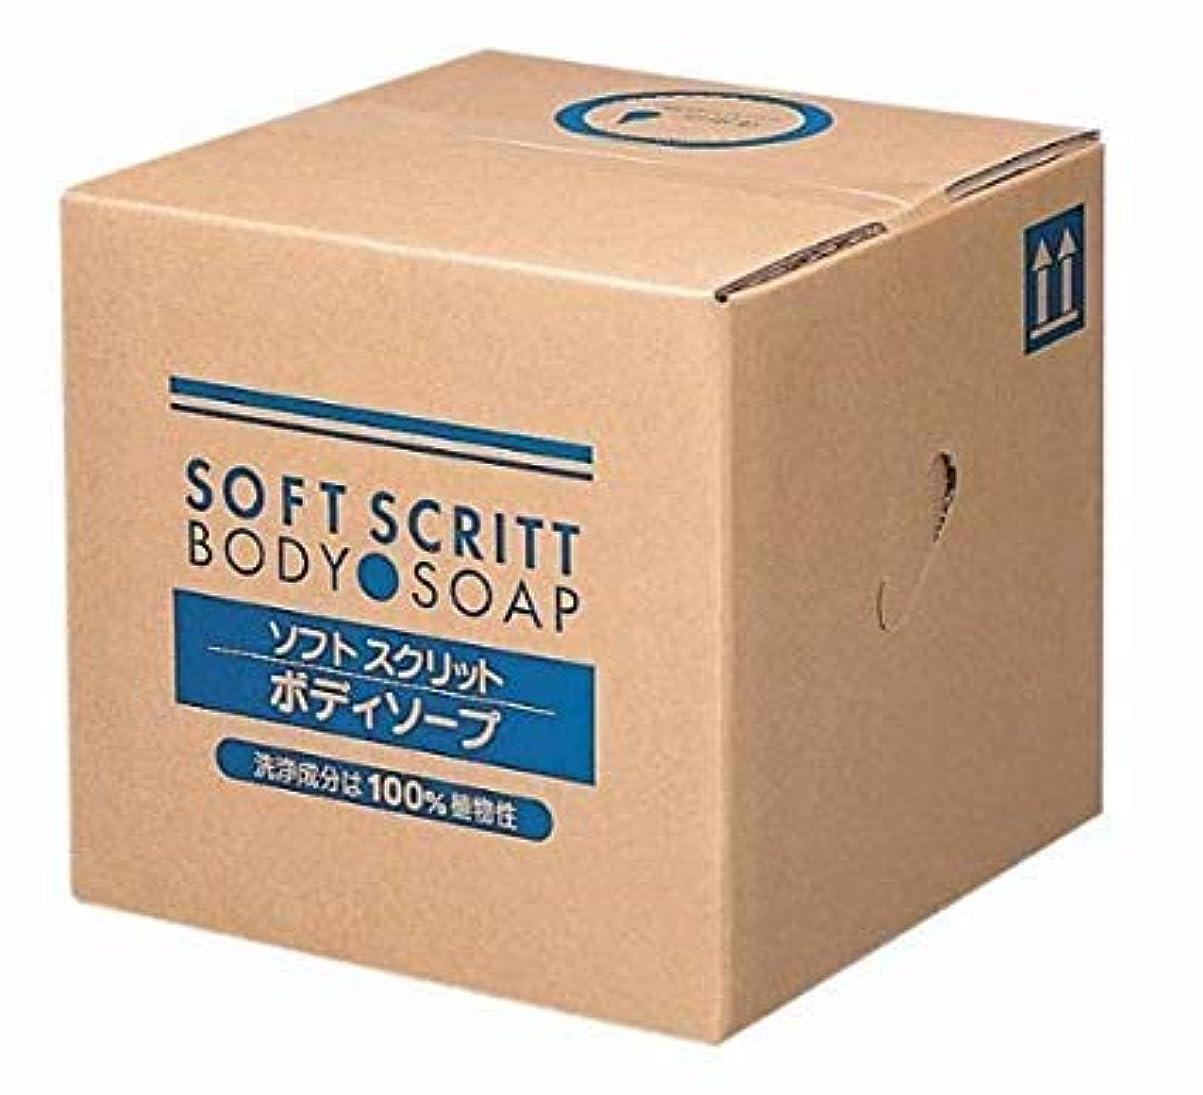 火有益な中性業務用 SOFT SCRITT(ソフト スクリット) ボディソープ 18L 熊野油脂 コック無し